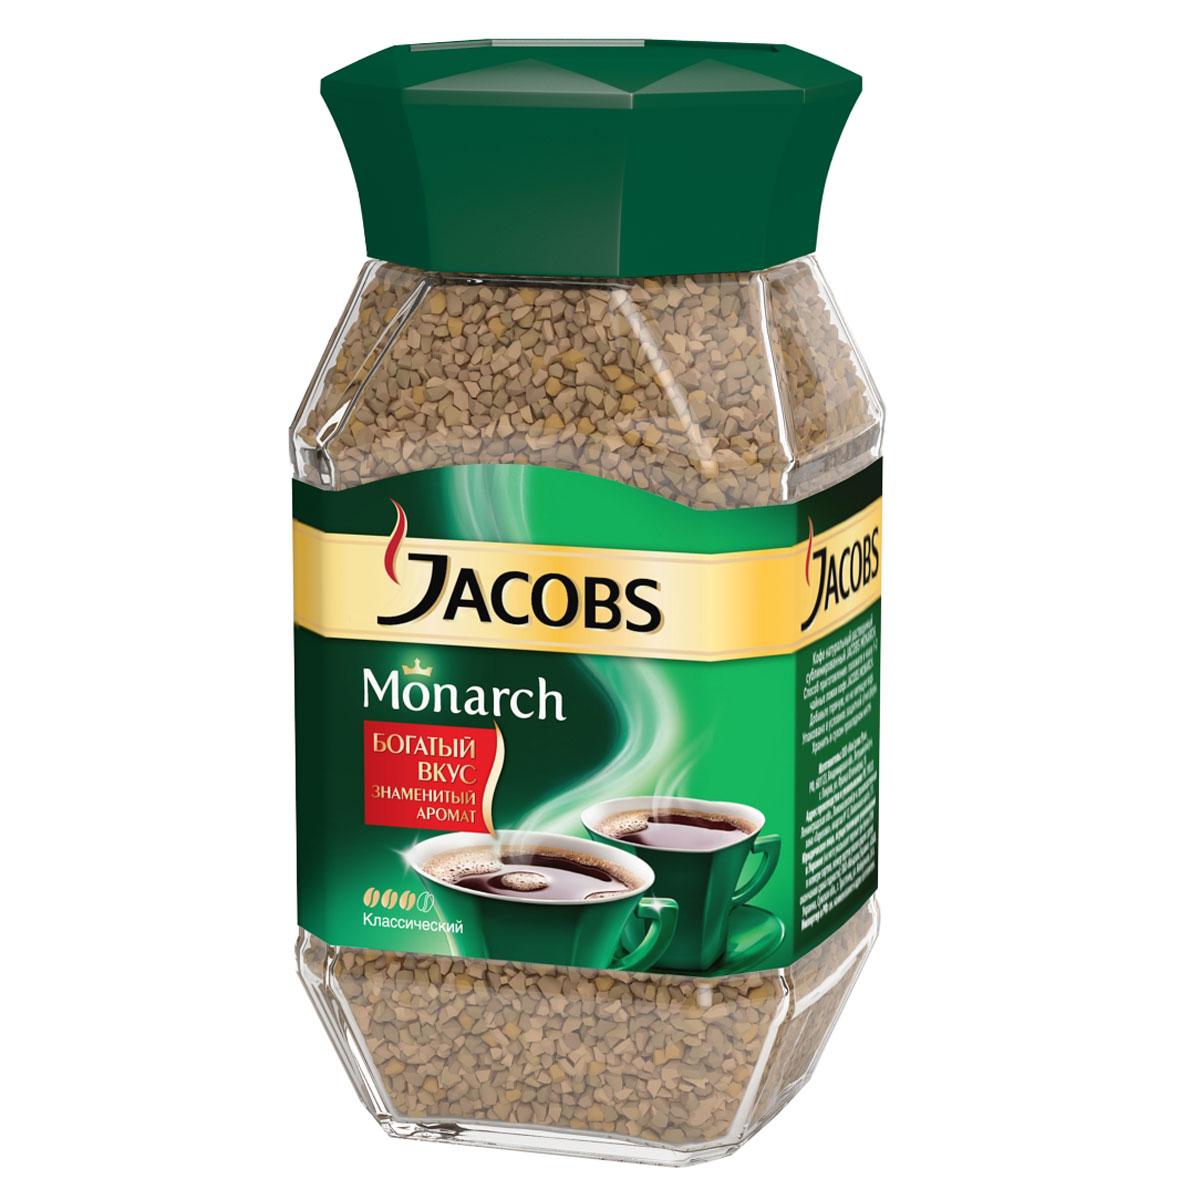 Jacobs Monarch кофе растворимый, 190 г0120710В благородной теплоте тщательно обжаренных зерен скрывается секрет подлинной крепости и притягательного аромата кофе Jacobs Monarch.Заварите чашку кофе Jacobs Monarch, и вы сразу почувствуете, как его уникальный притягательный аромат окружит вас и создаст особую атмосферу для теплого общения с вашими близкими.Так рождается неповторимая атмосфера Аромагии кофе Jacobs Monarch.